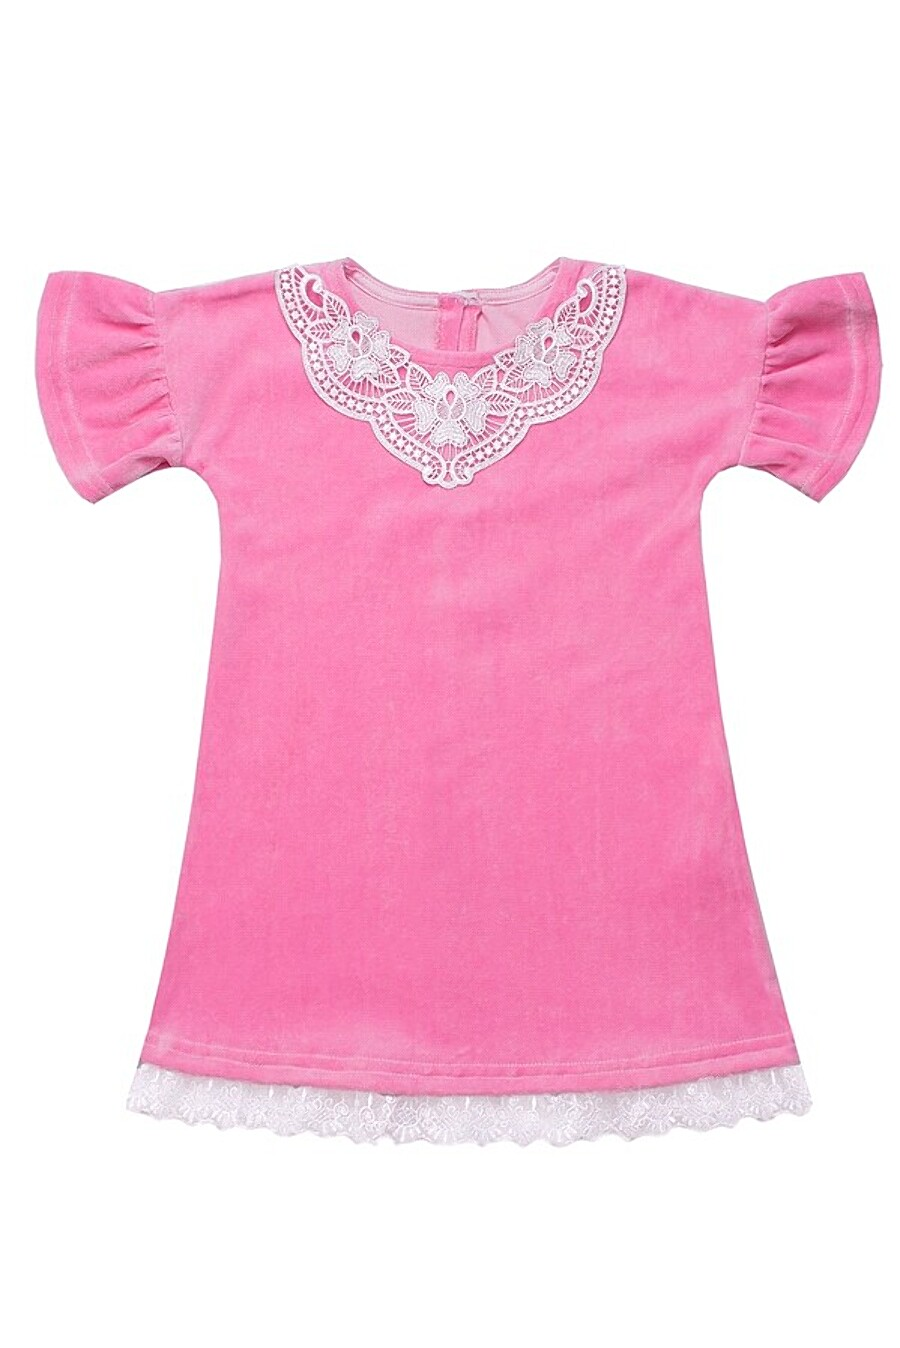 Платье для девочек Archi 261071 купить оптом от производителя. Совместная покупка детской одежды в OptMoyo